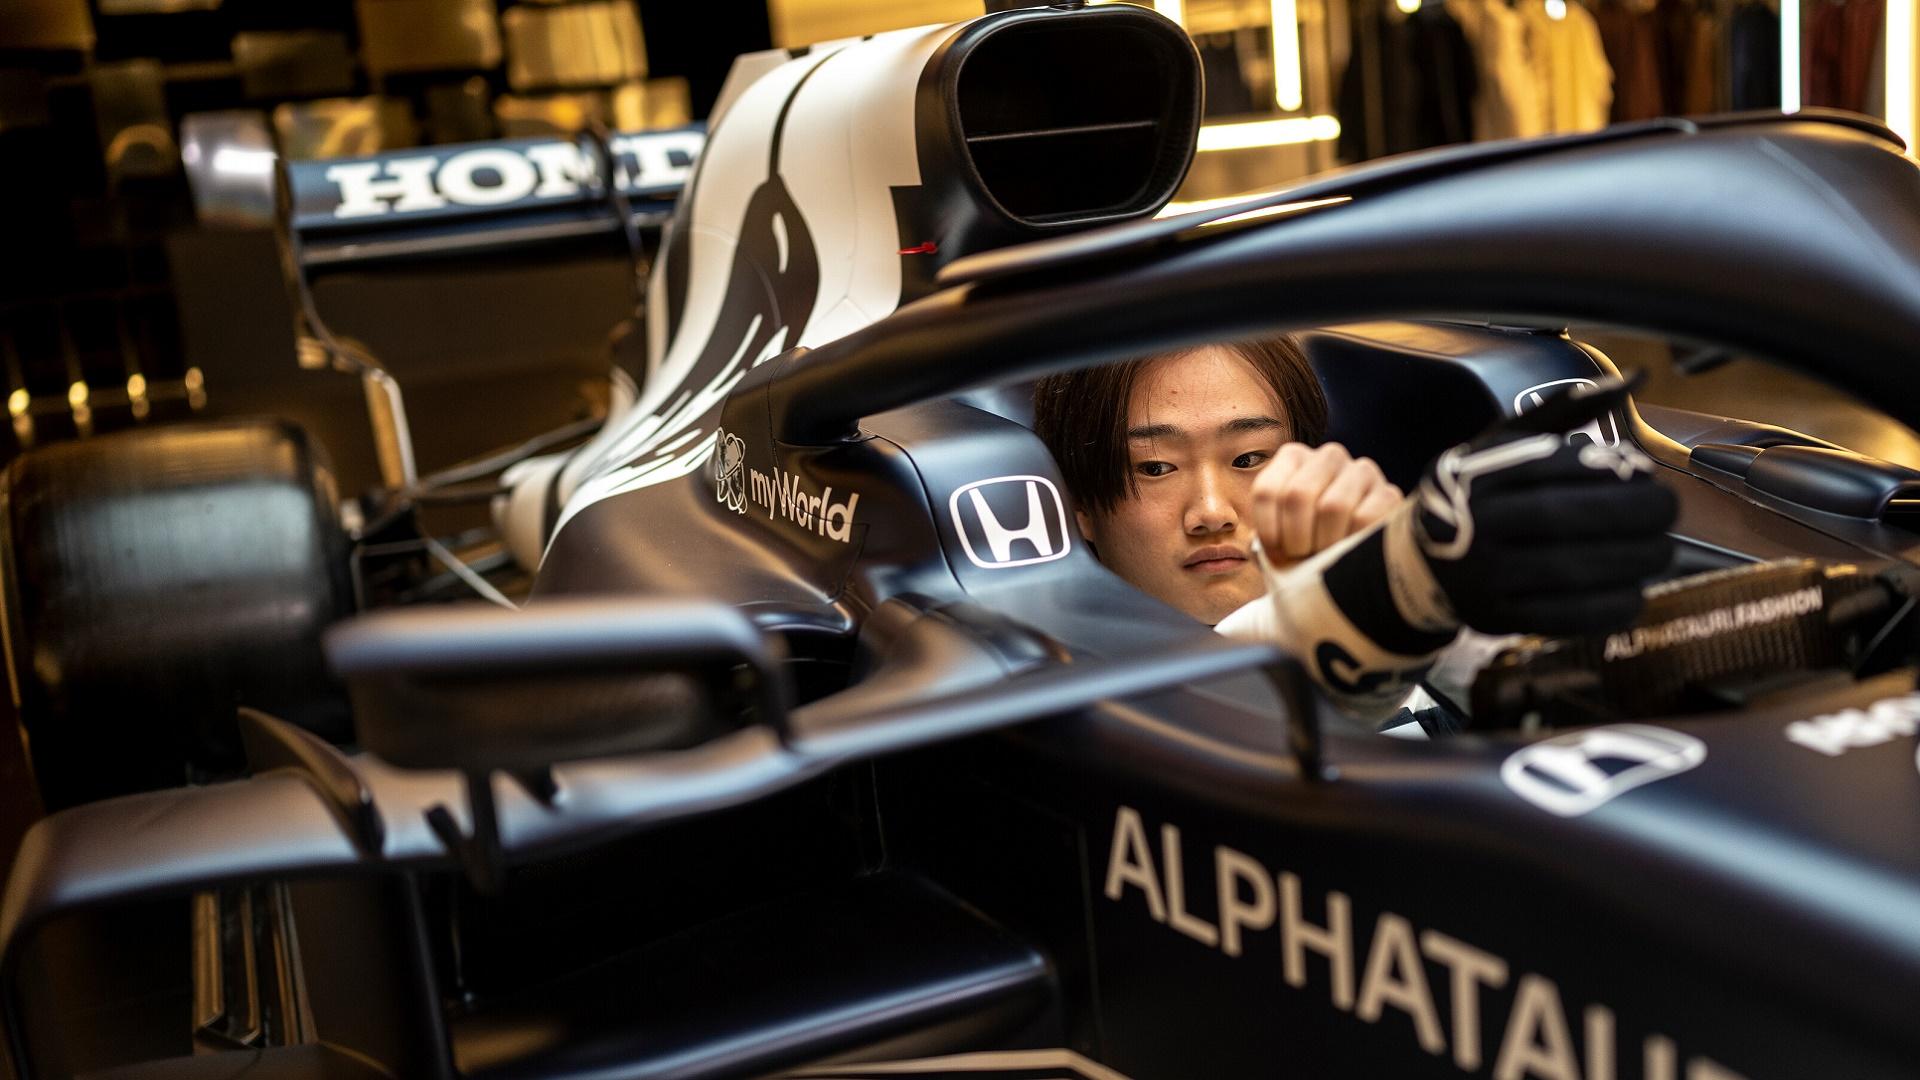 2021-02-19 Yuki Tsunoda Alphatauri Formula 1 F1